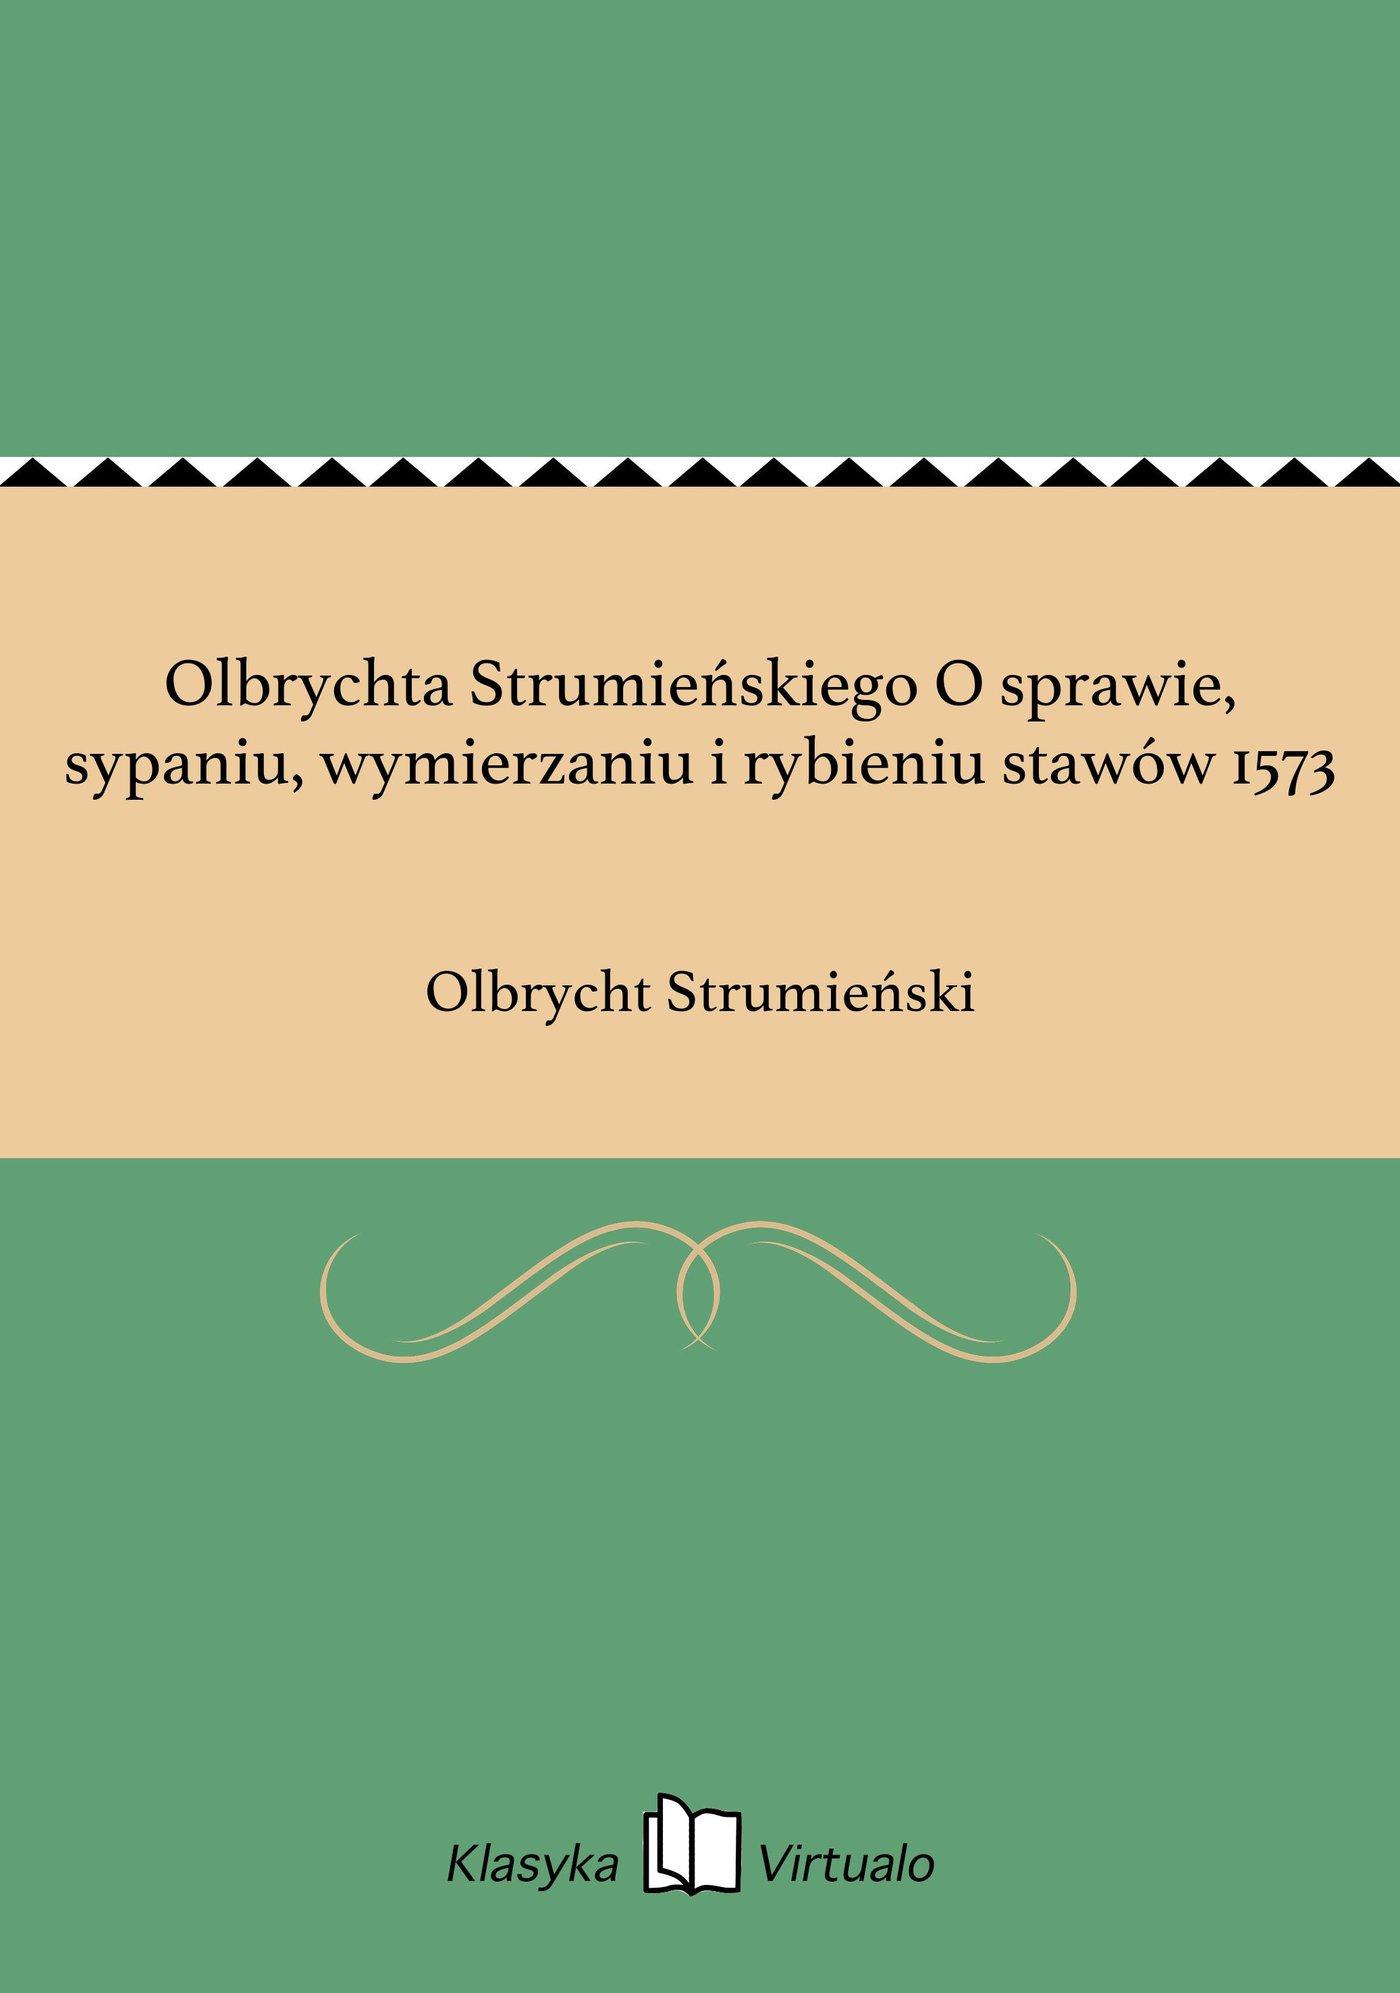 Olbrychta Strumieńskiego O sprawie, sypaniu, wymierzaniu i rybieniu stawów 1573 - Ebook (Książka na Kindle) do pobrania w formacie MOBI